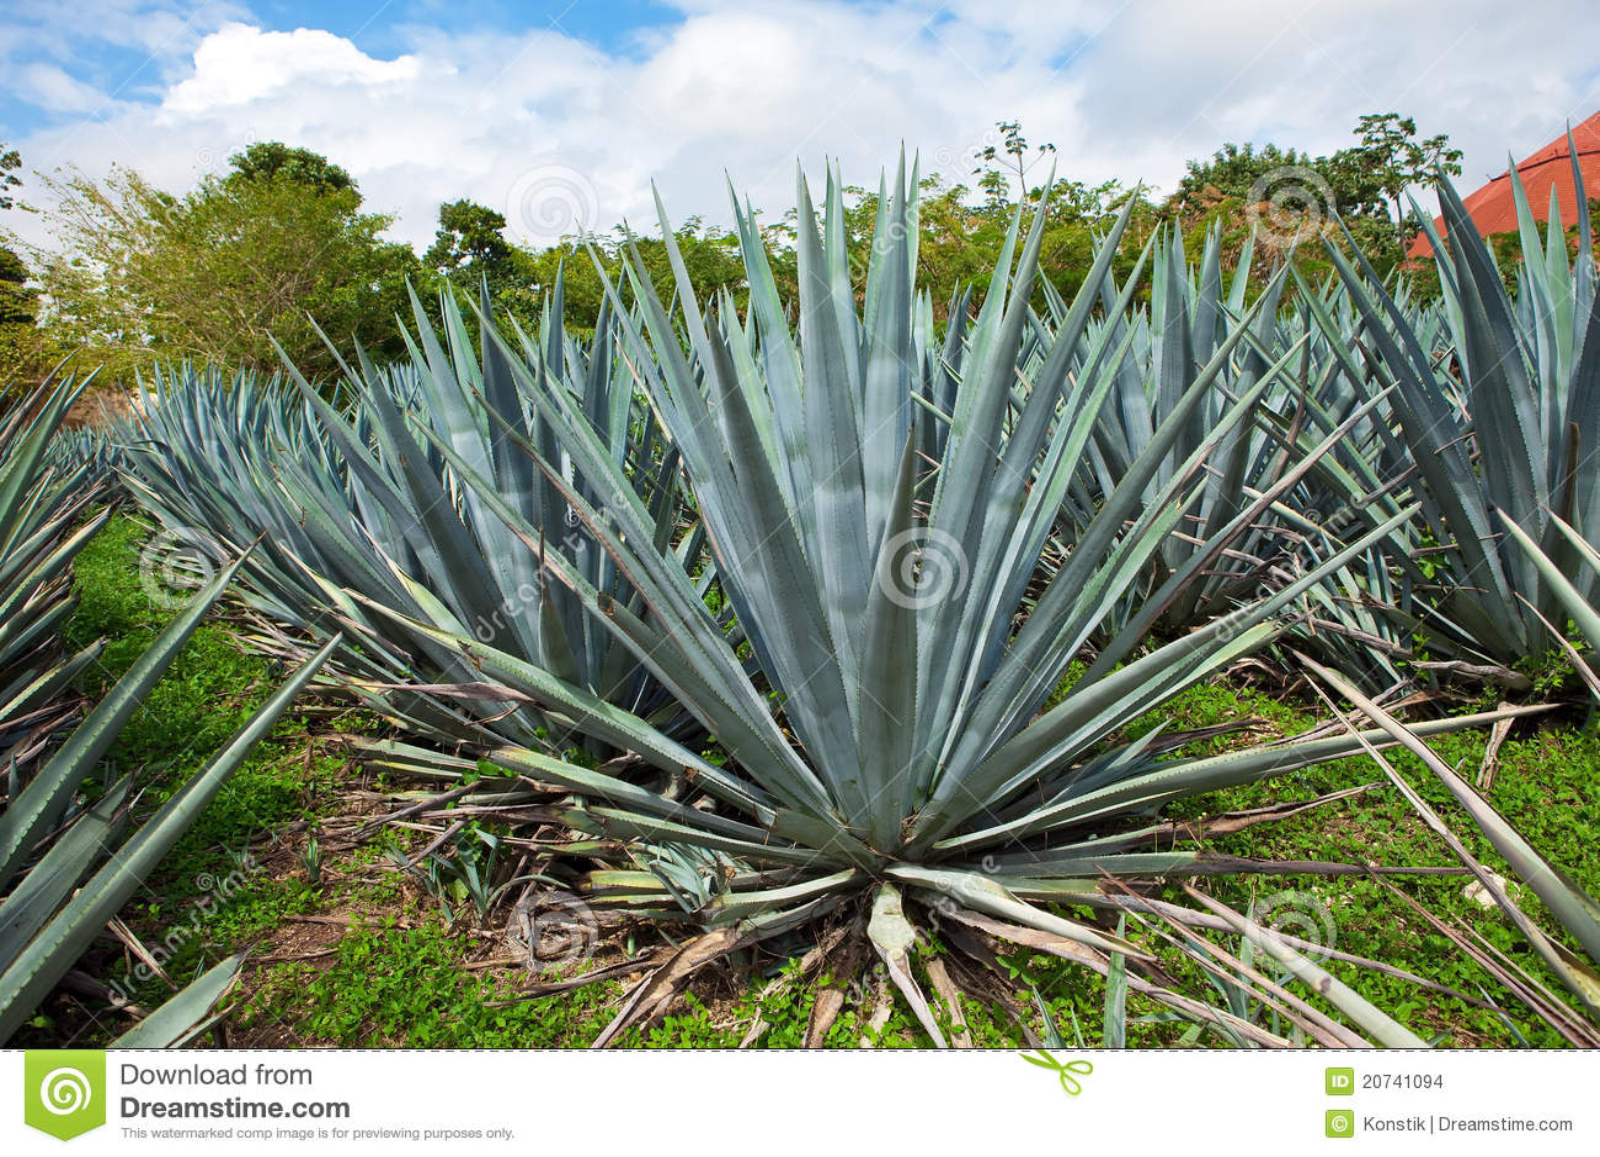 agave le mexique photo stock image du botanique am ricain 20741094. Black Bedroom Furniture Sets. Home Design Ideas